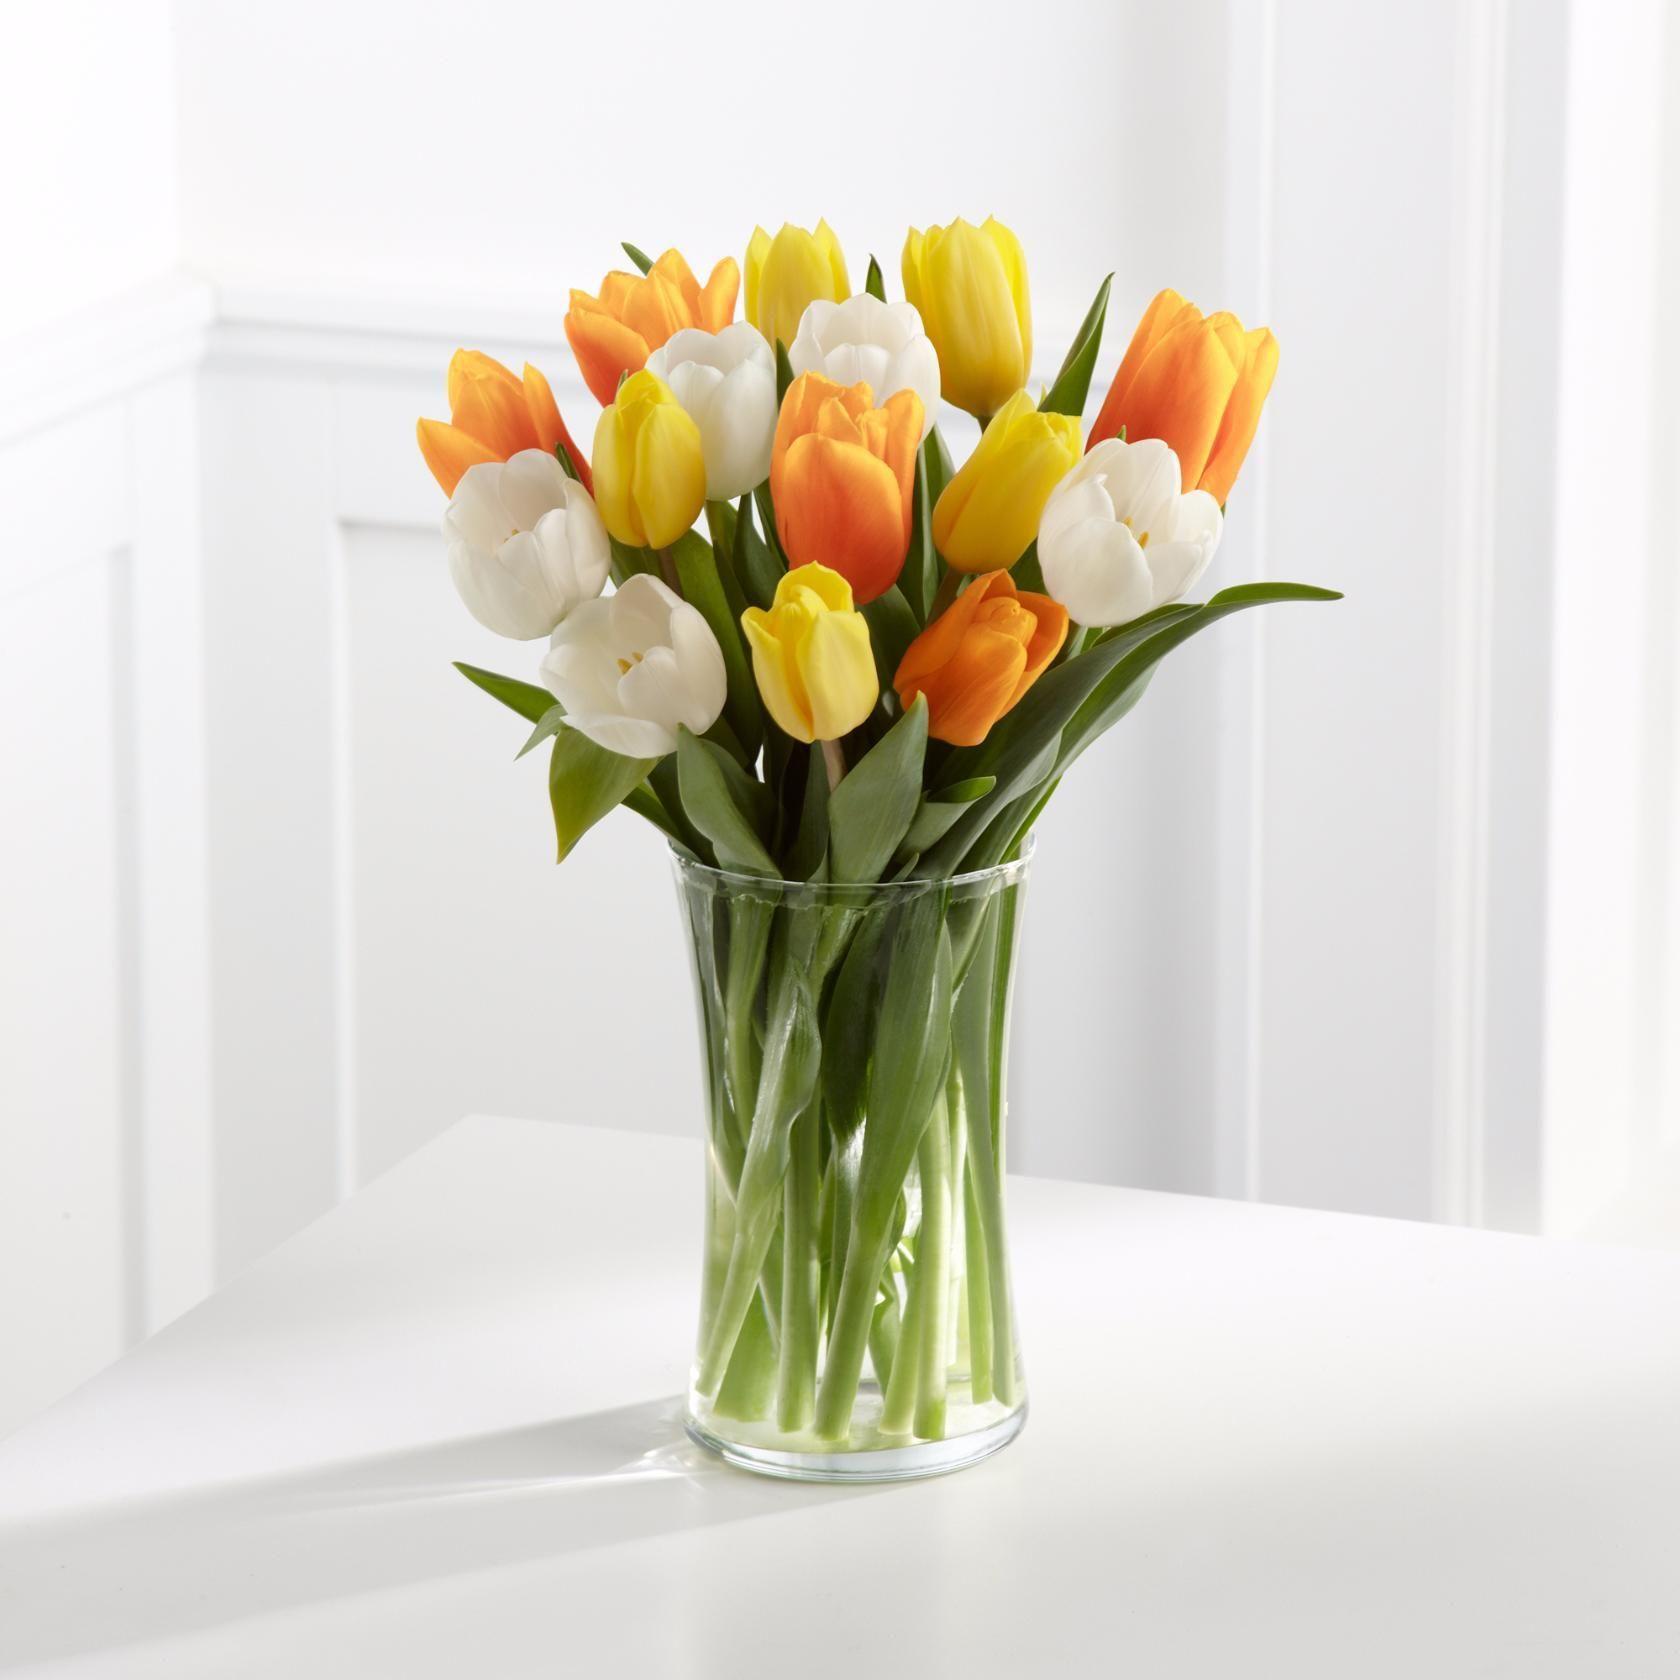 разнообразие картинки тюльпаны красивые букеты в вазе зимнее время